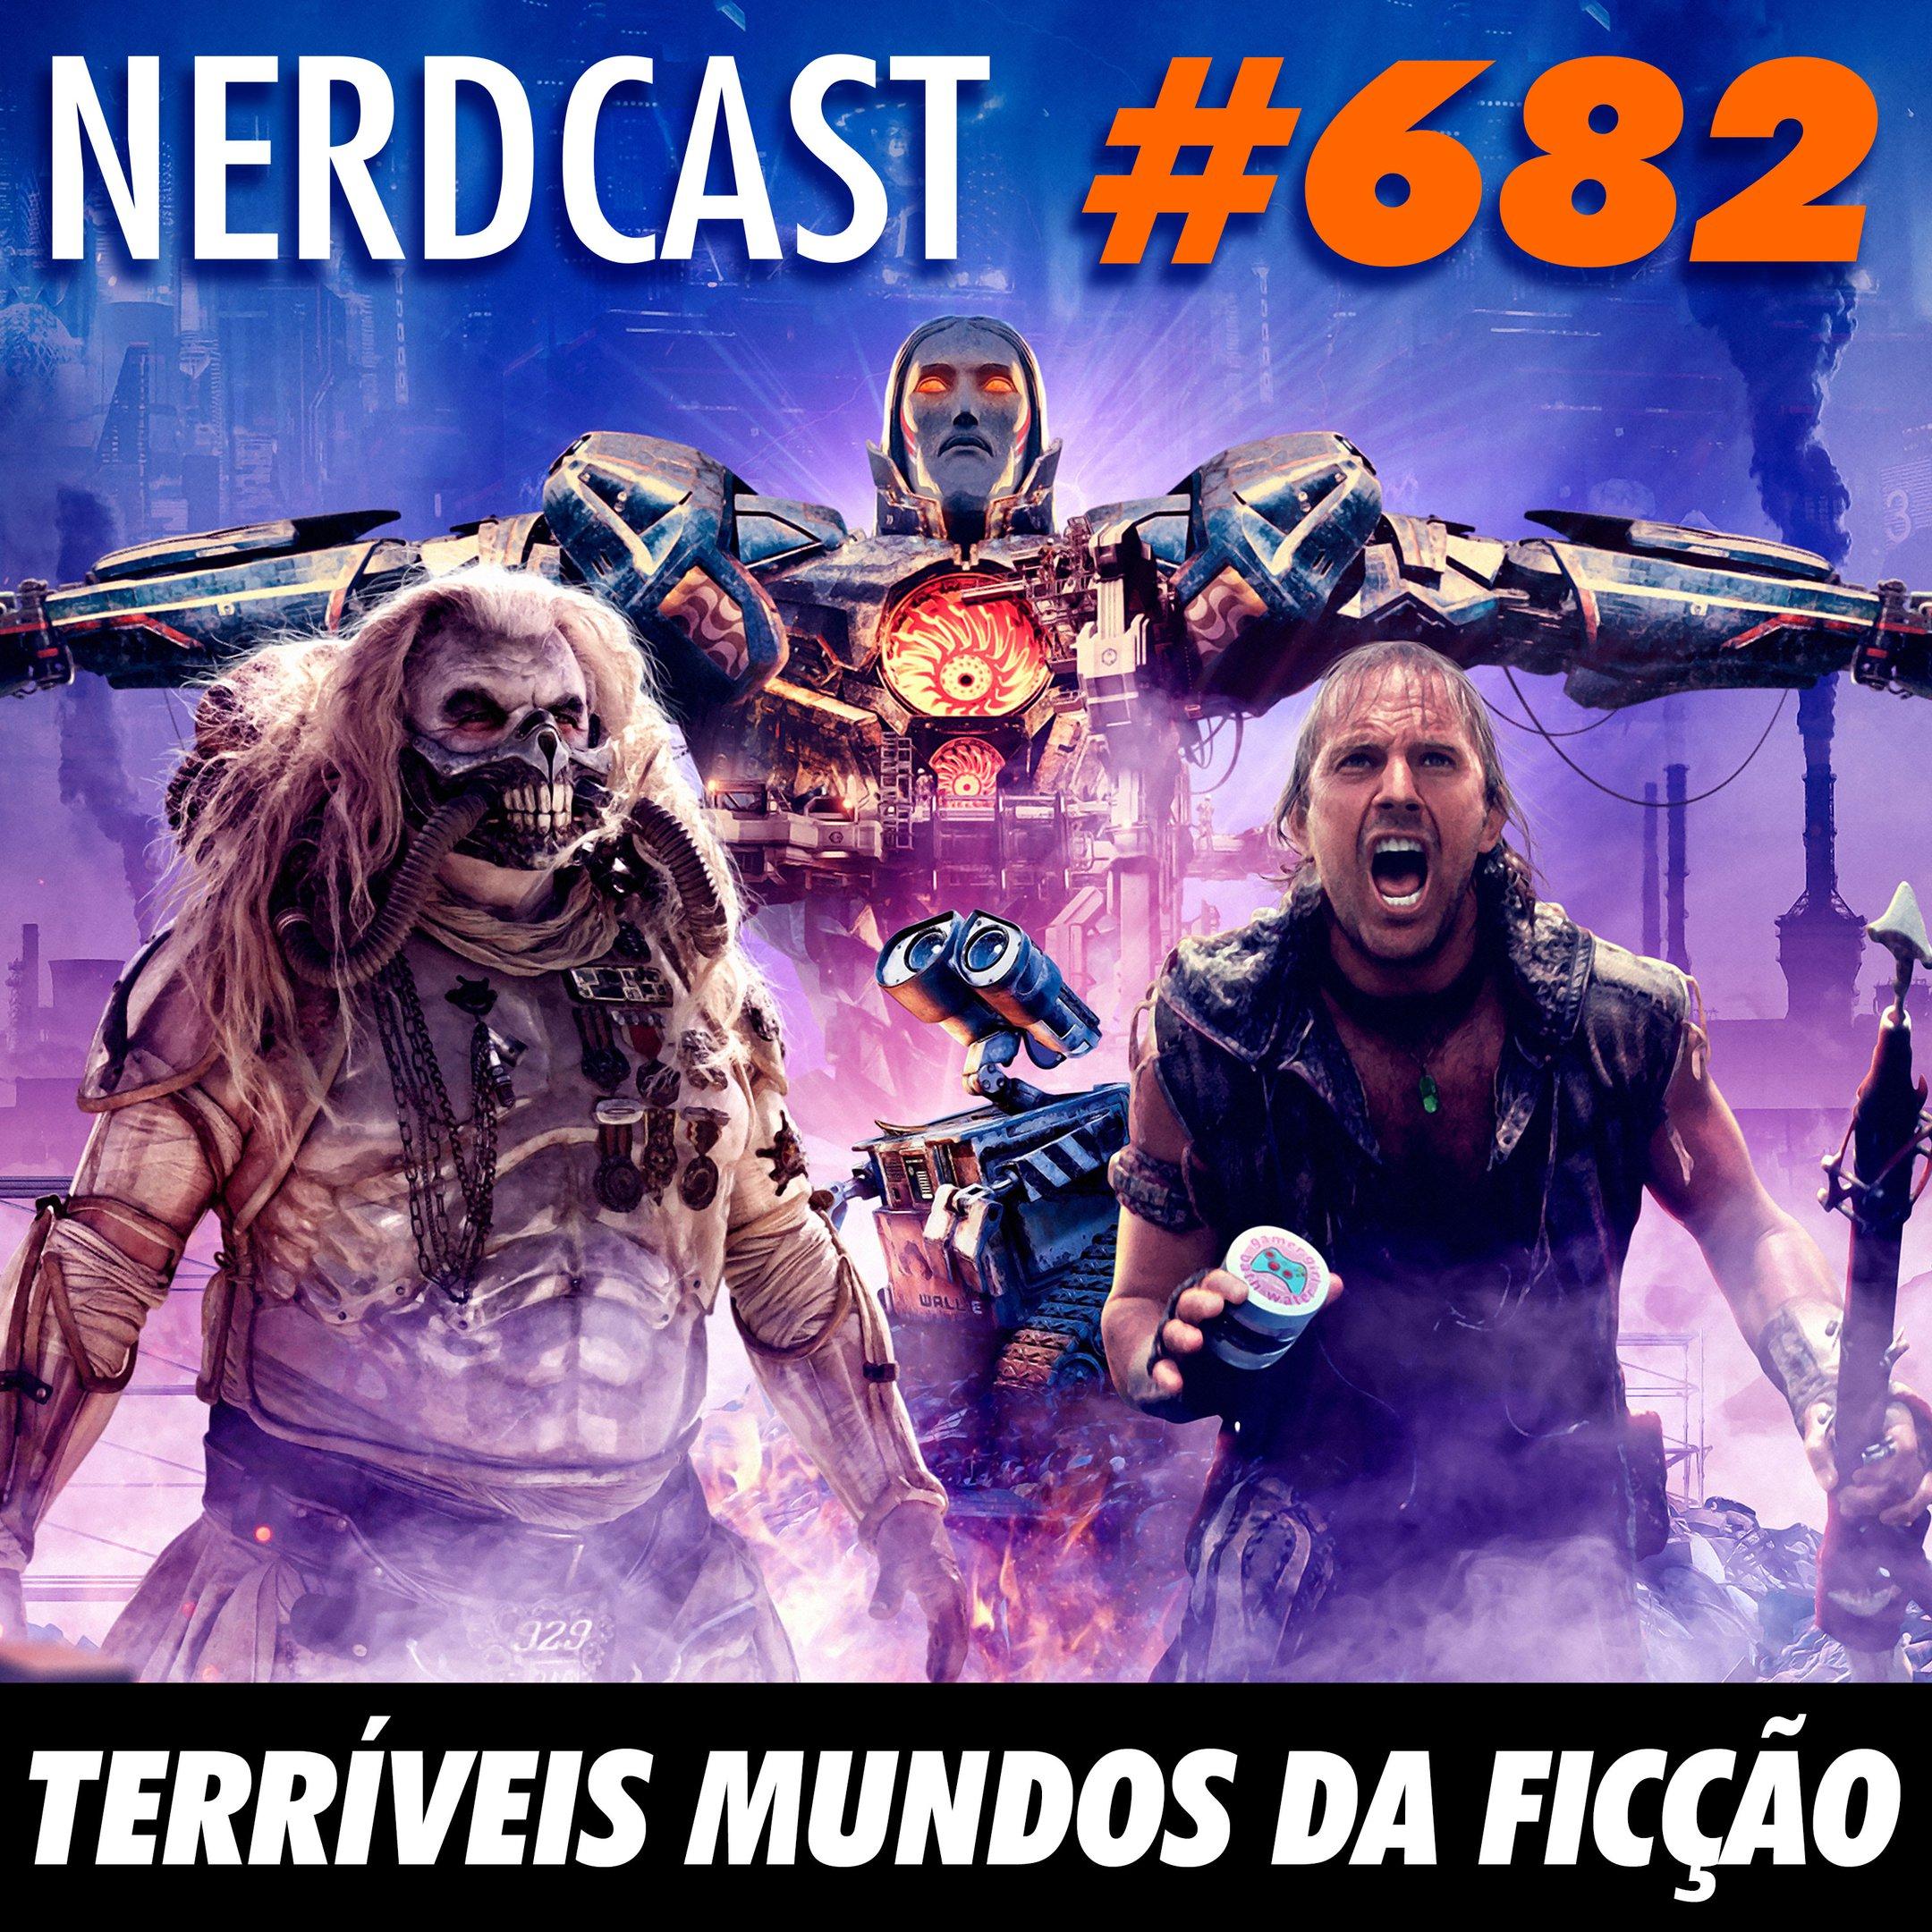 NerdCast 682 - Terríveis Mundos da Ficção